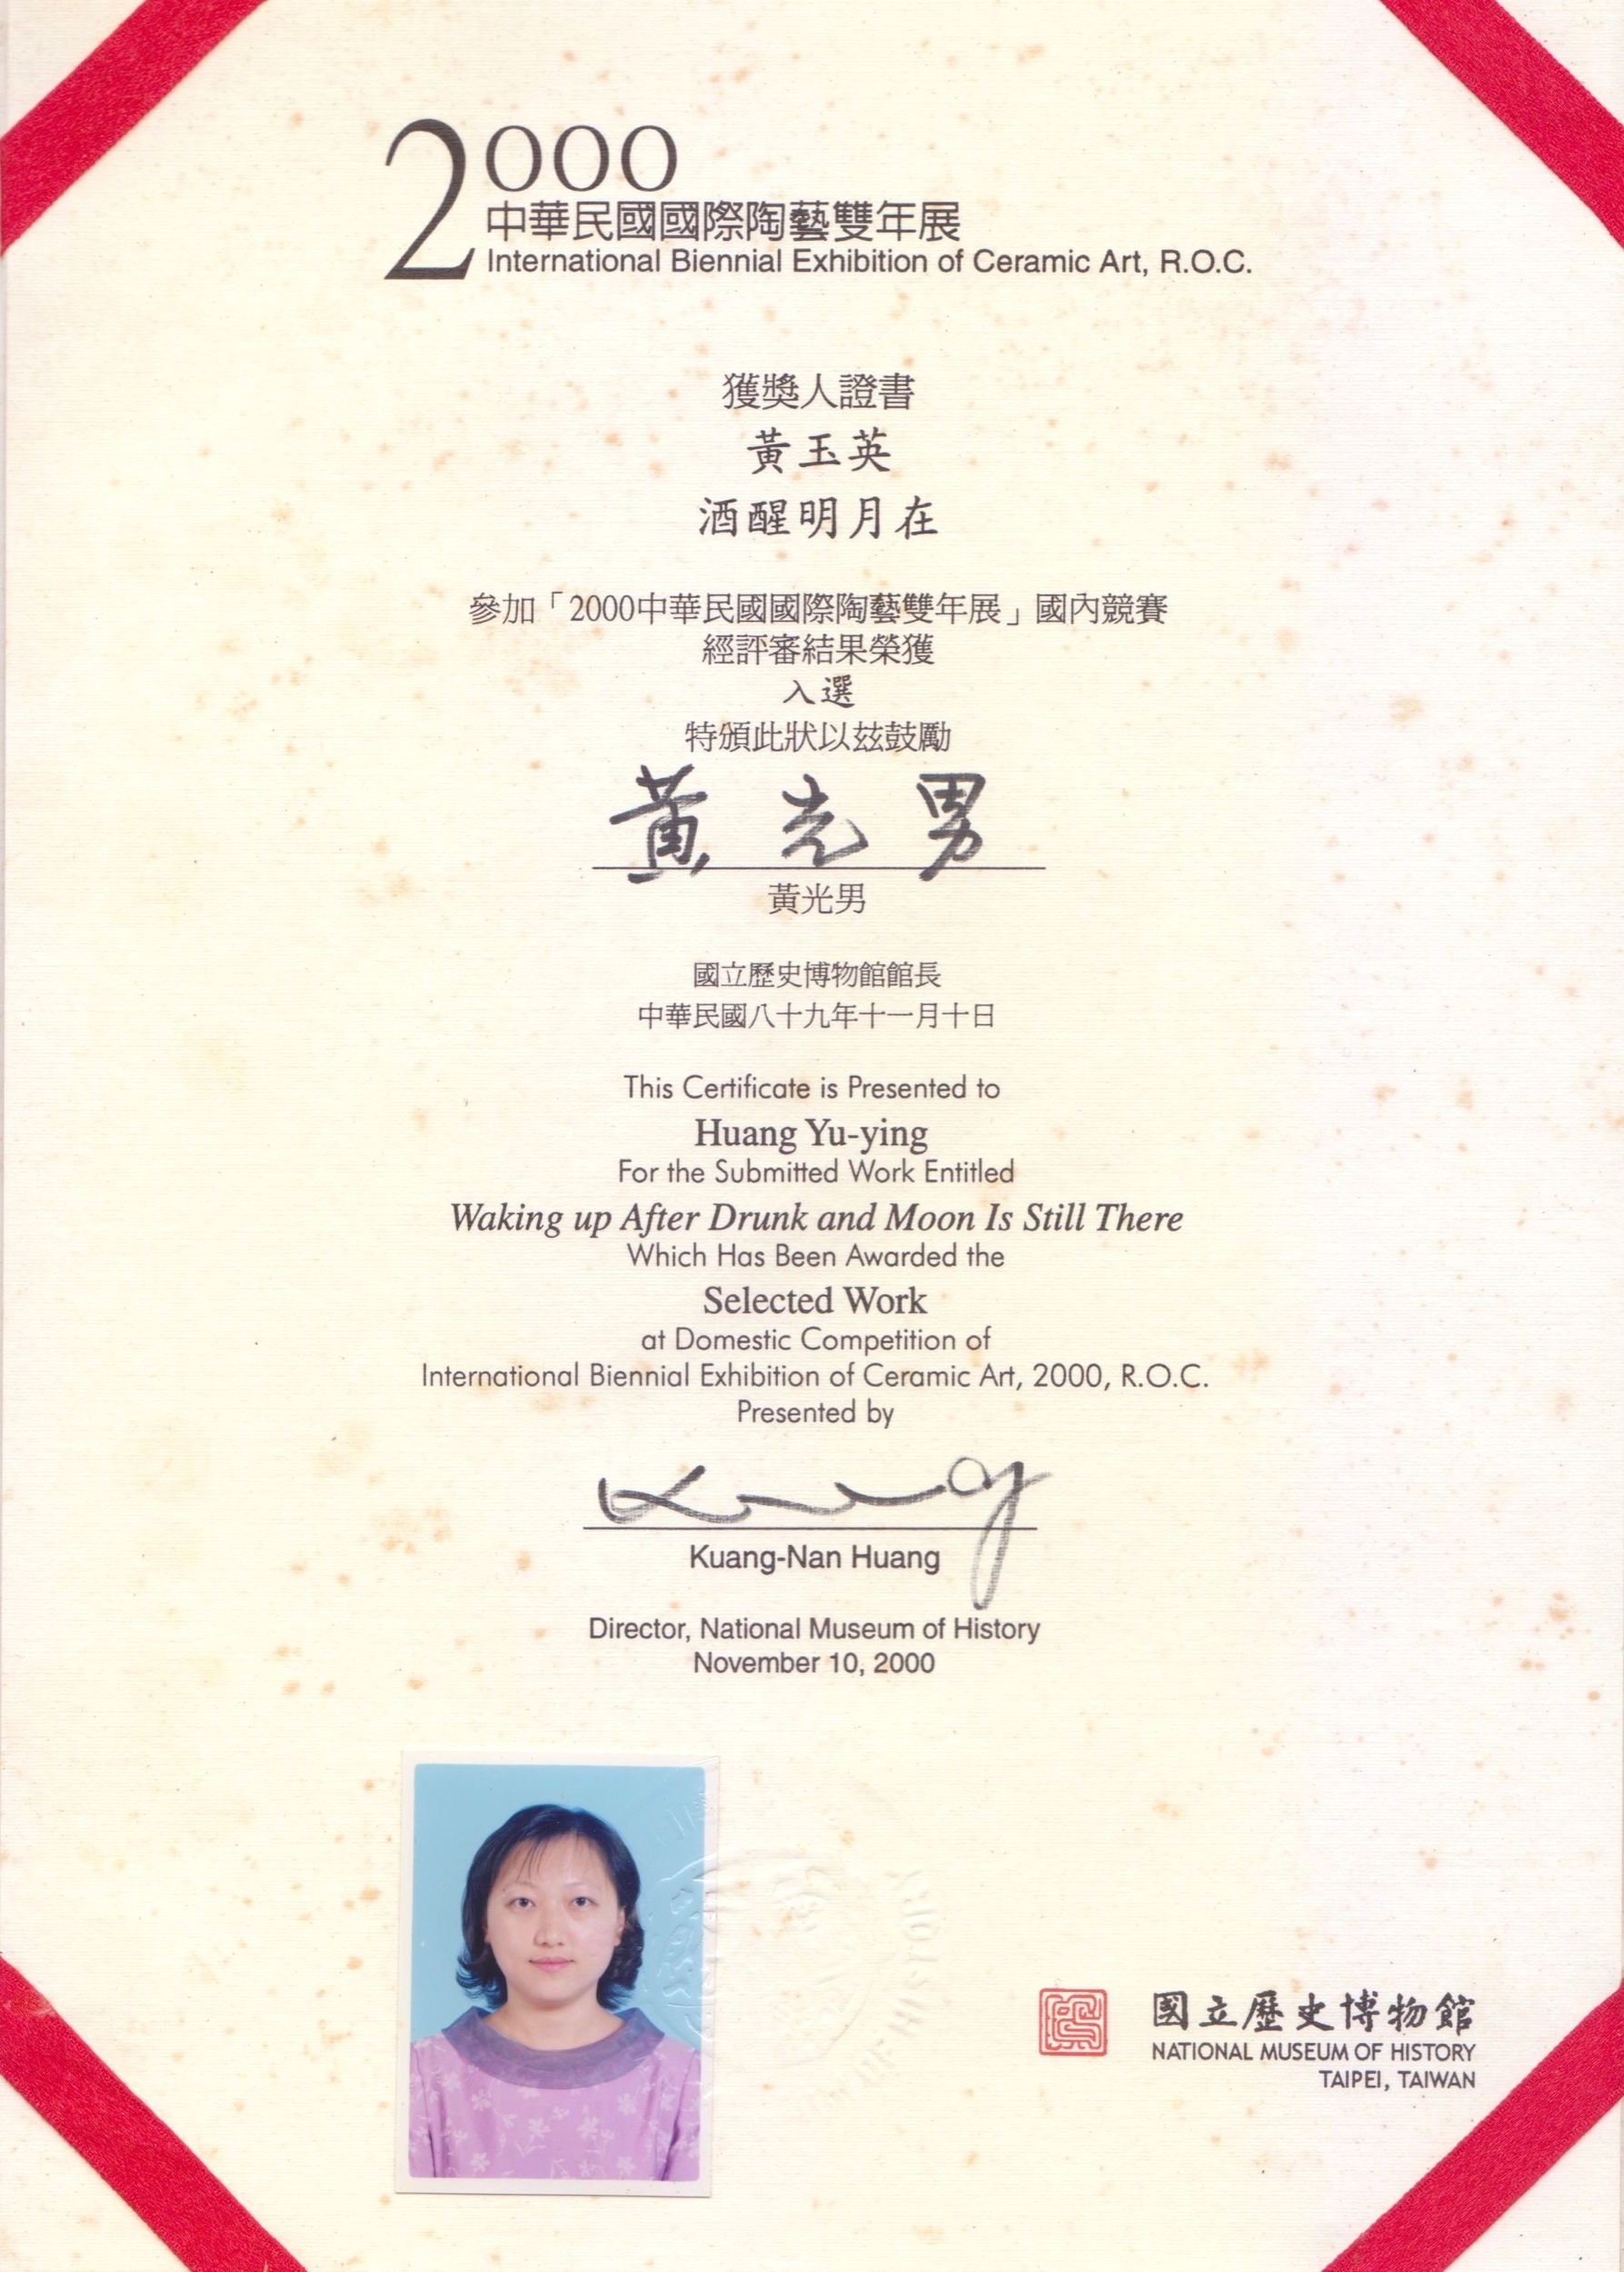 2000年國際陶藝雙年展入選於歷史博物館展出.jpeg